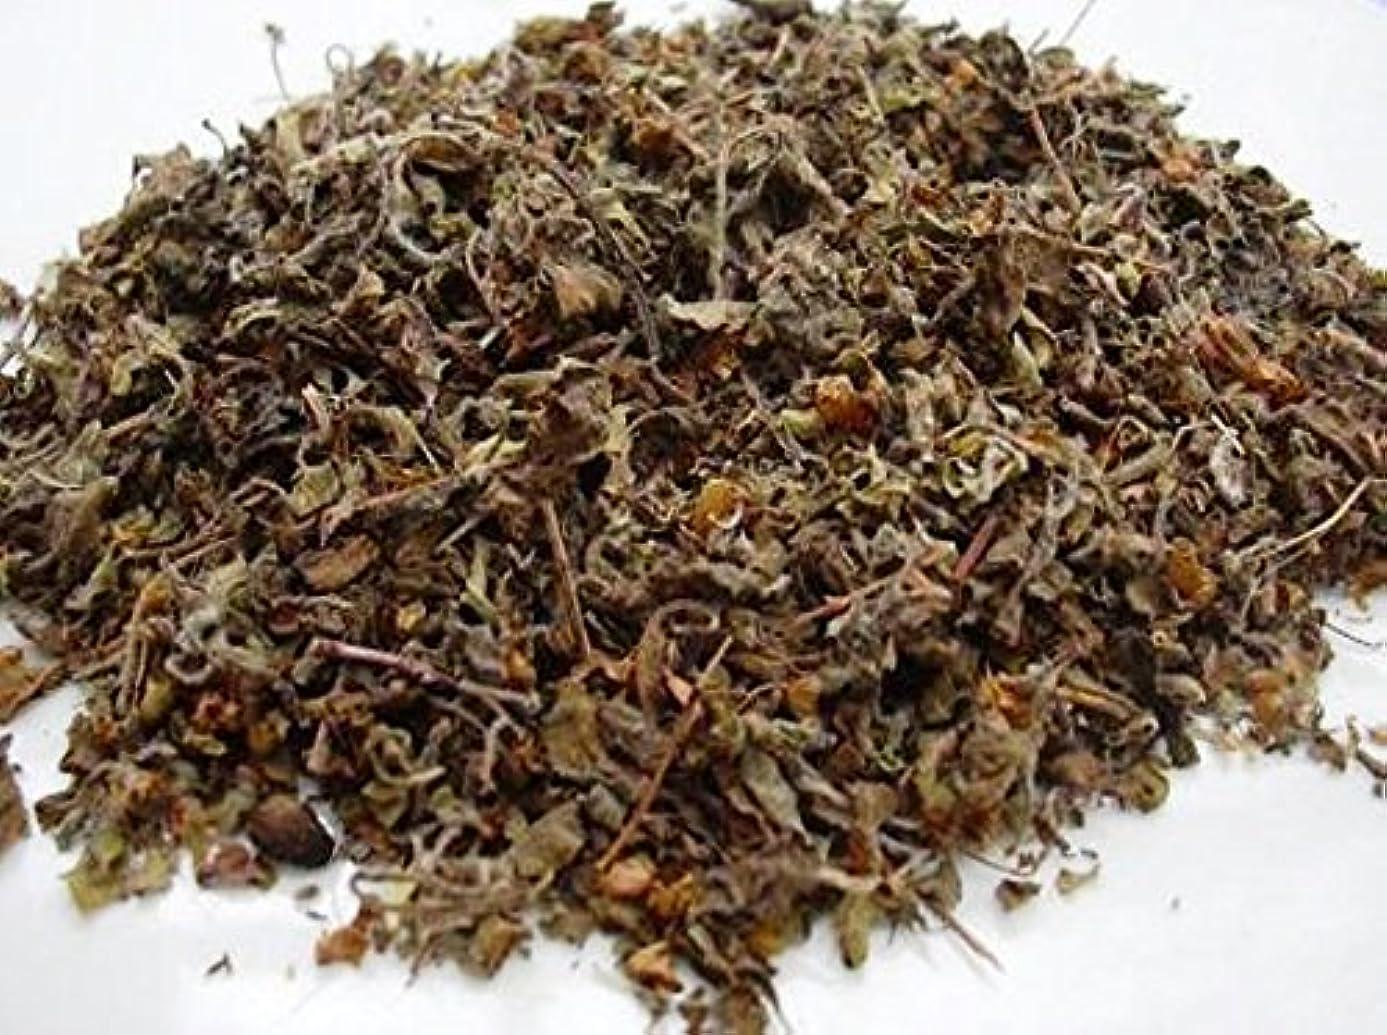 ライナー予想する影のあるOrganic Dried Tulsi Leaves(Holy Basil) (100gm/3.53oz)